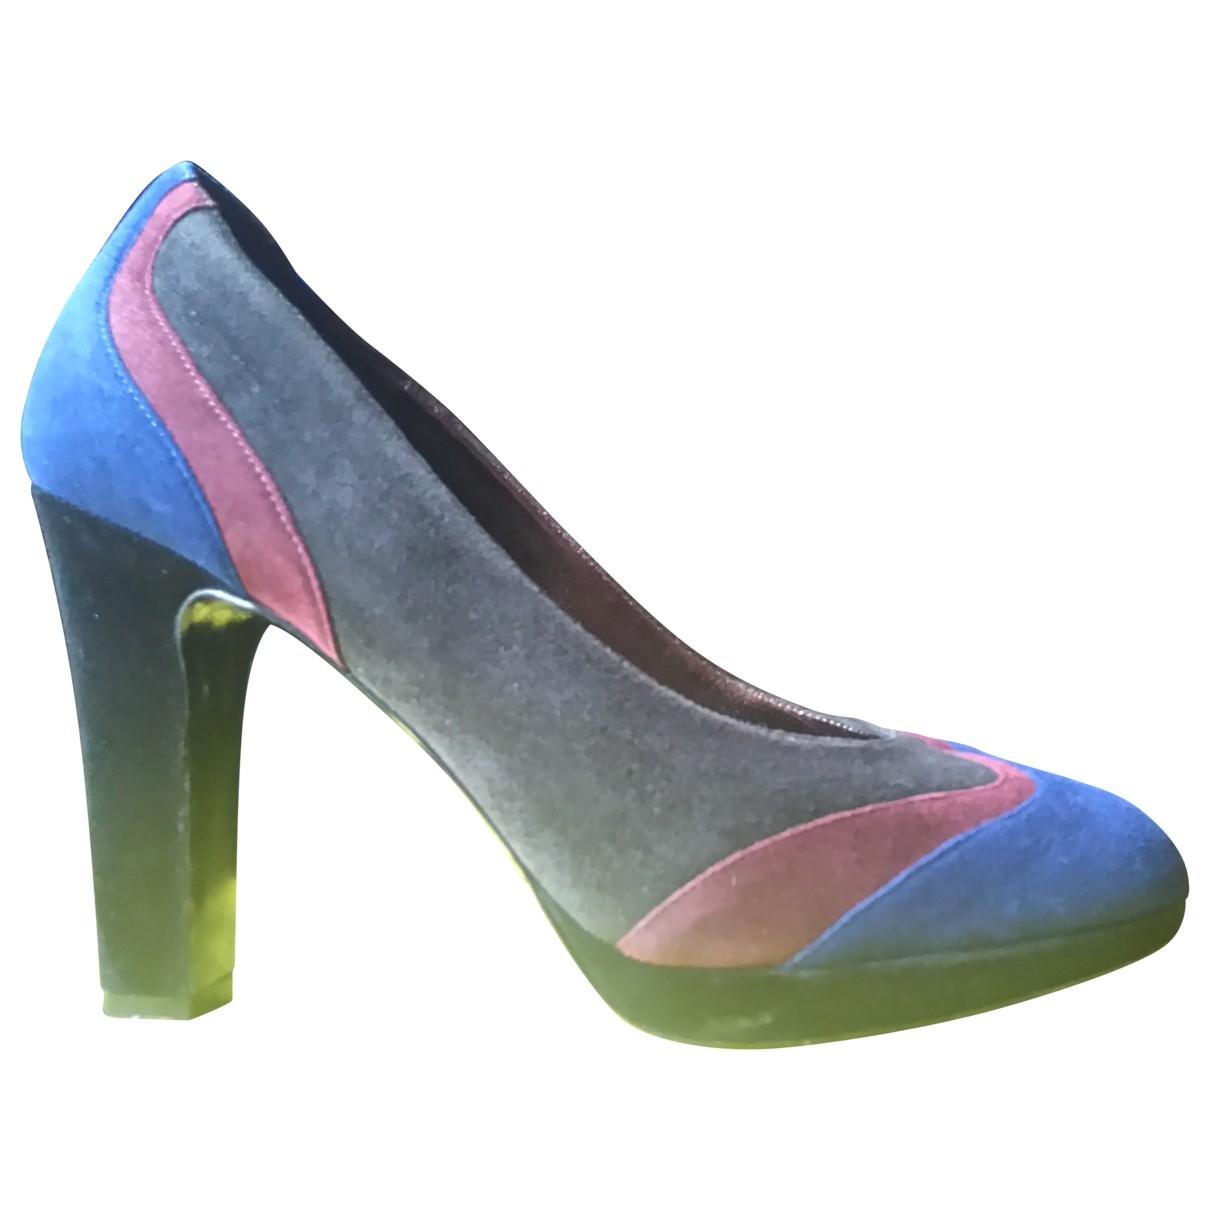 Paul Smith - Escarpins   pour femme en suede - multicolore